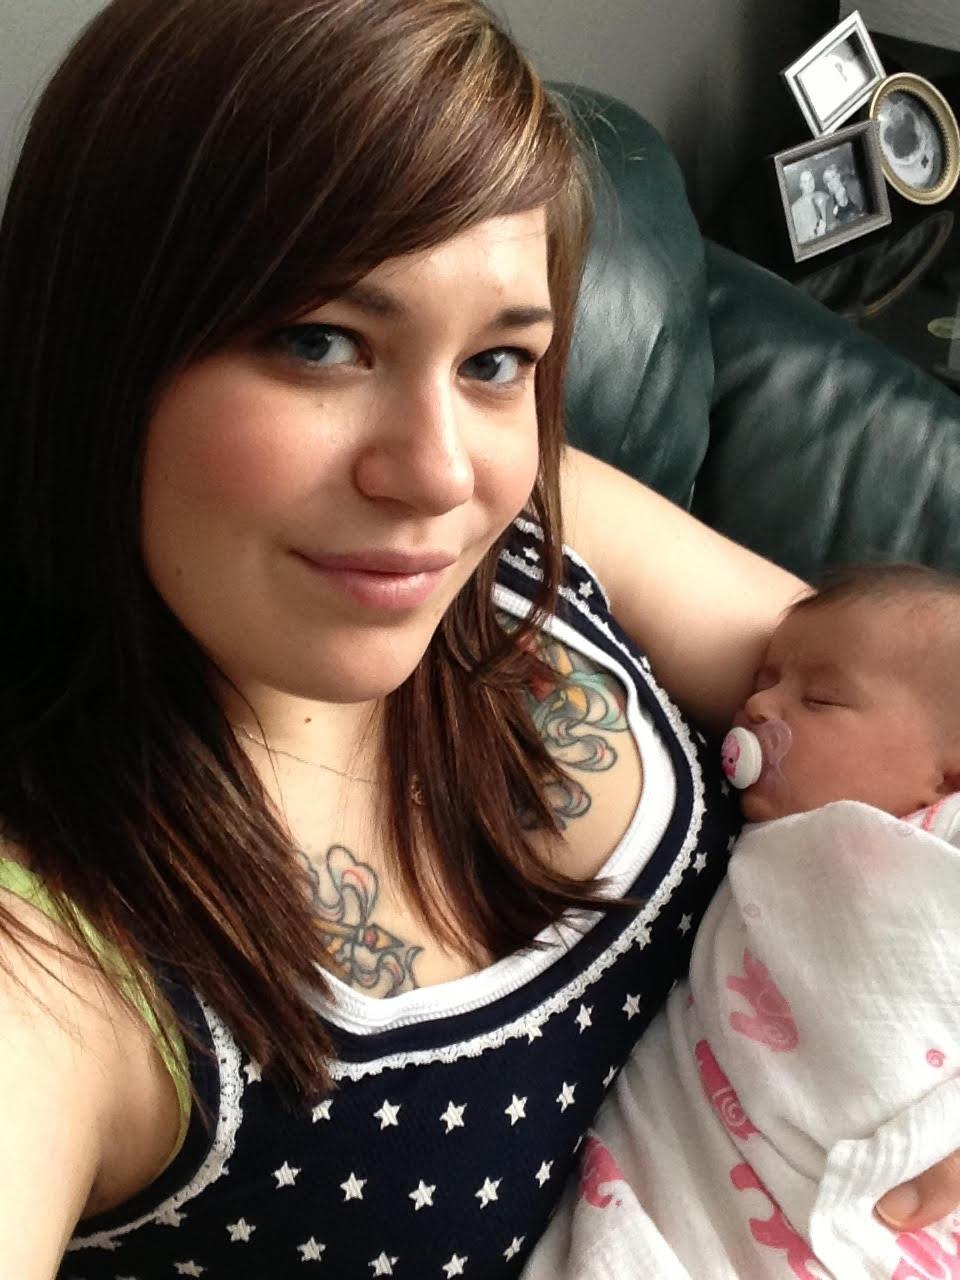 traumatic hospital birth